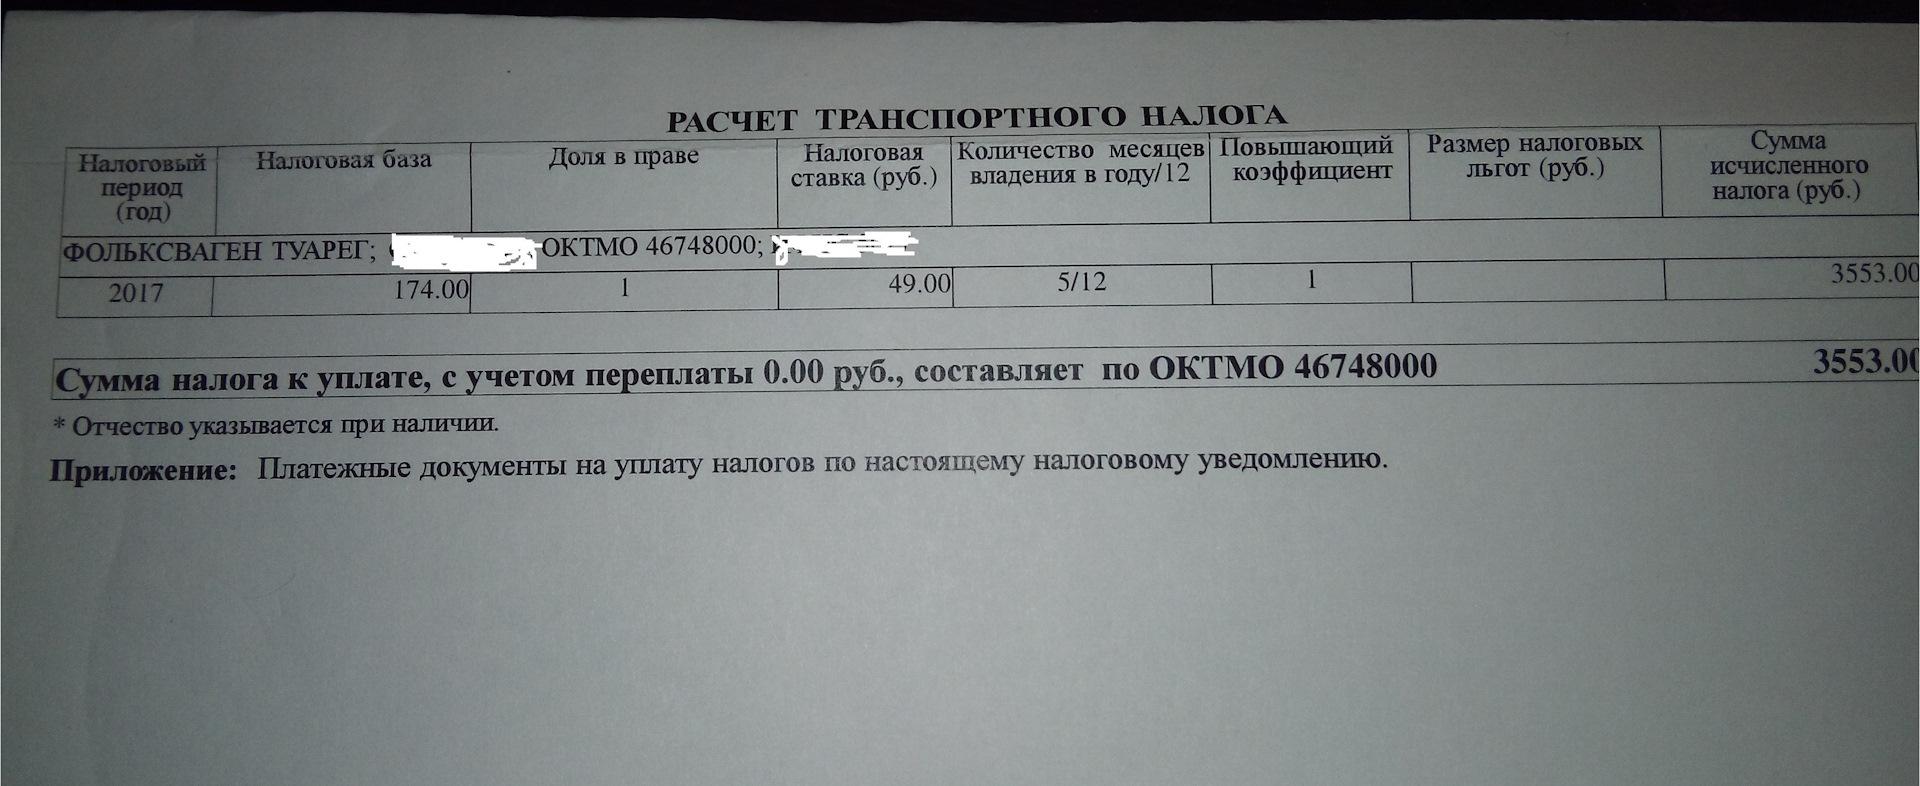 Ставки по транспортному налогу на 2007 год ставки по транспортному налогу по хабаровскому краю